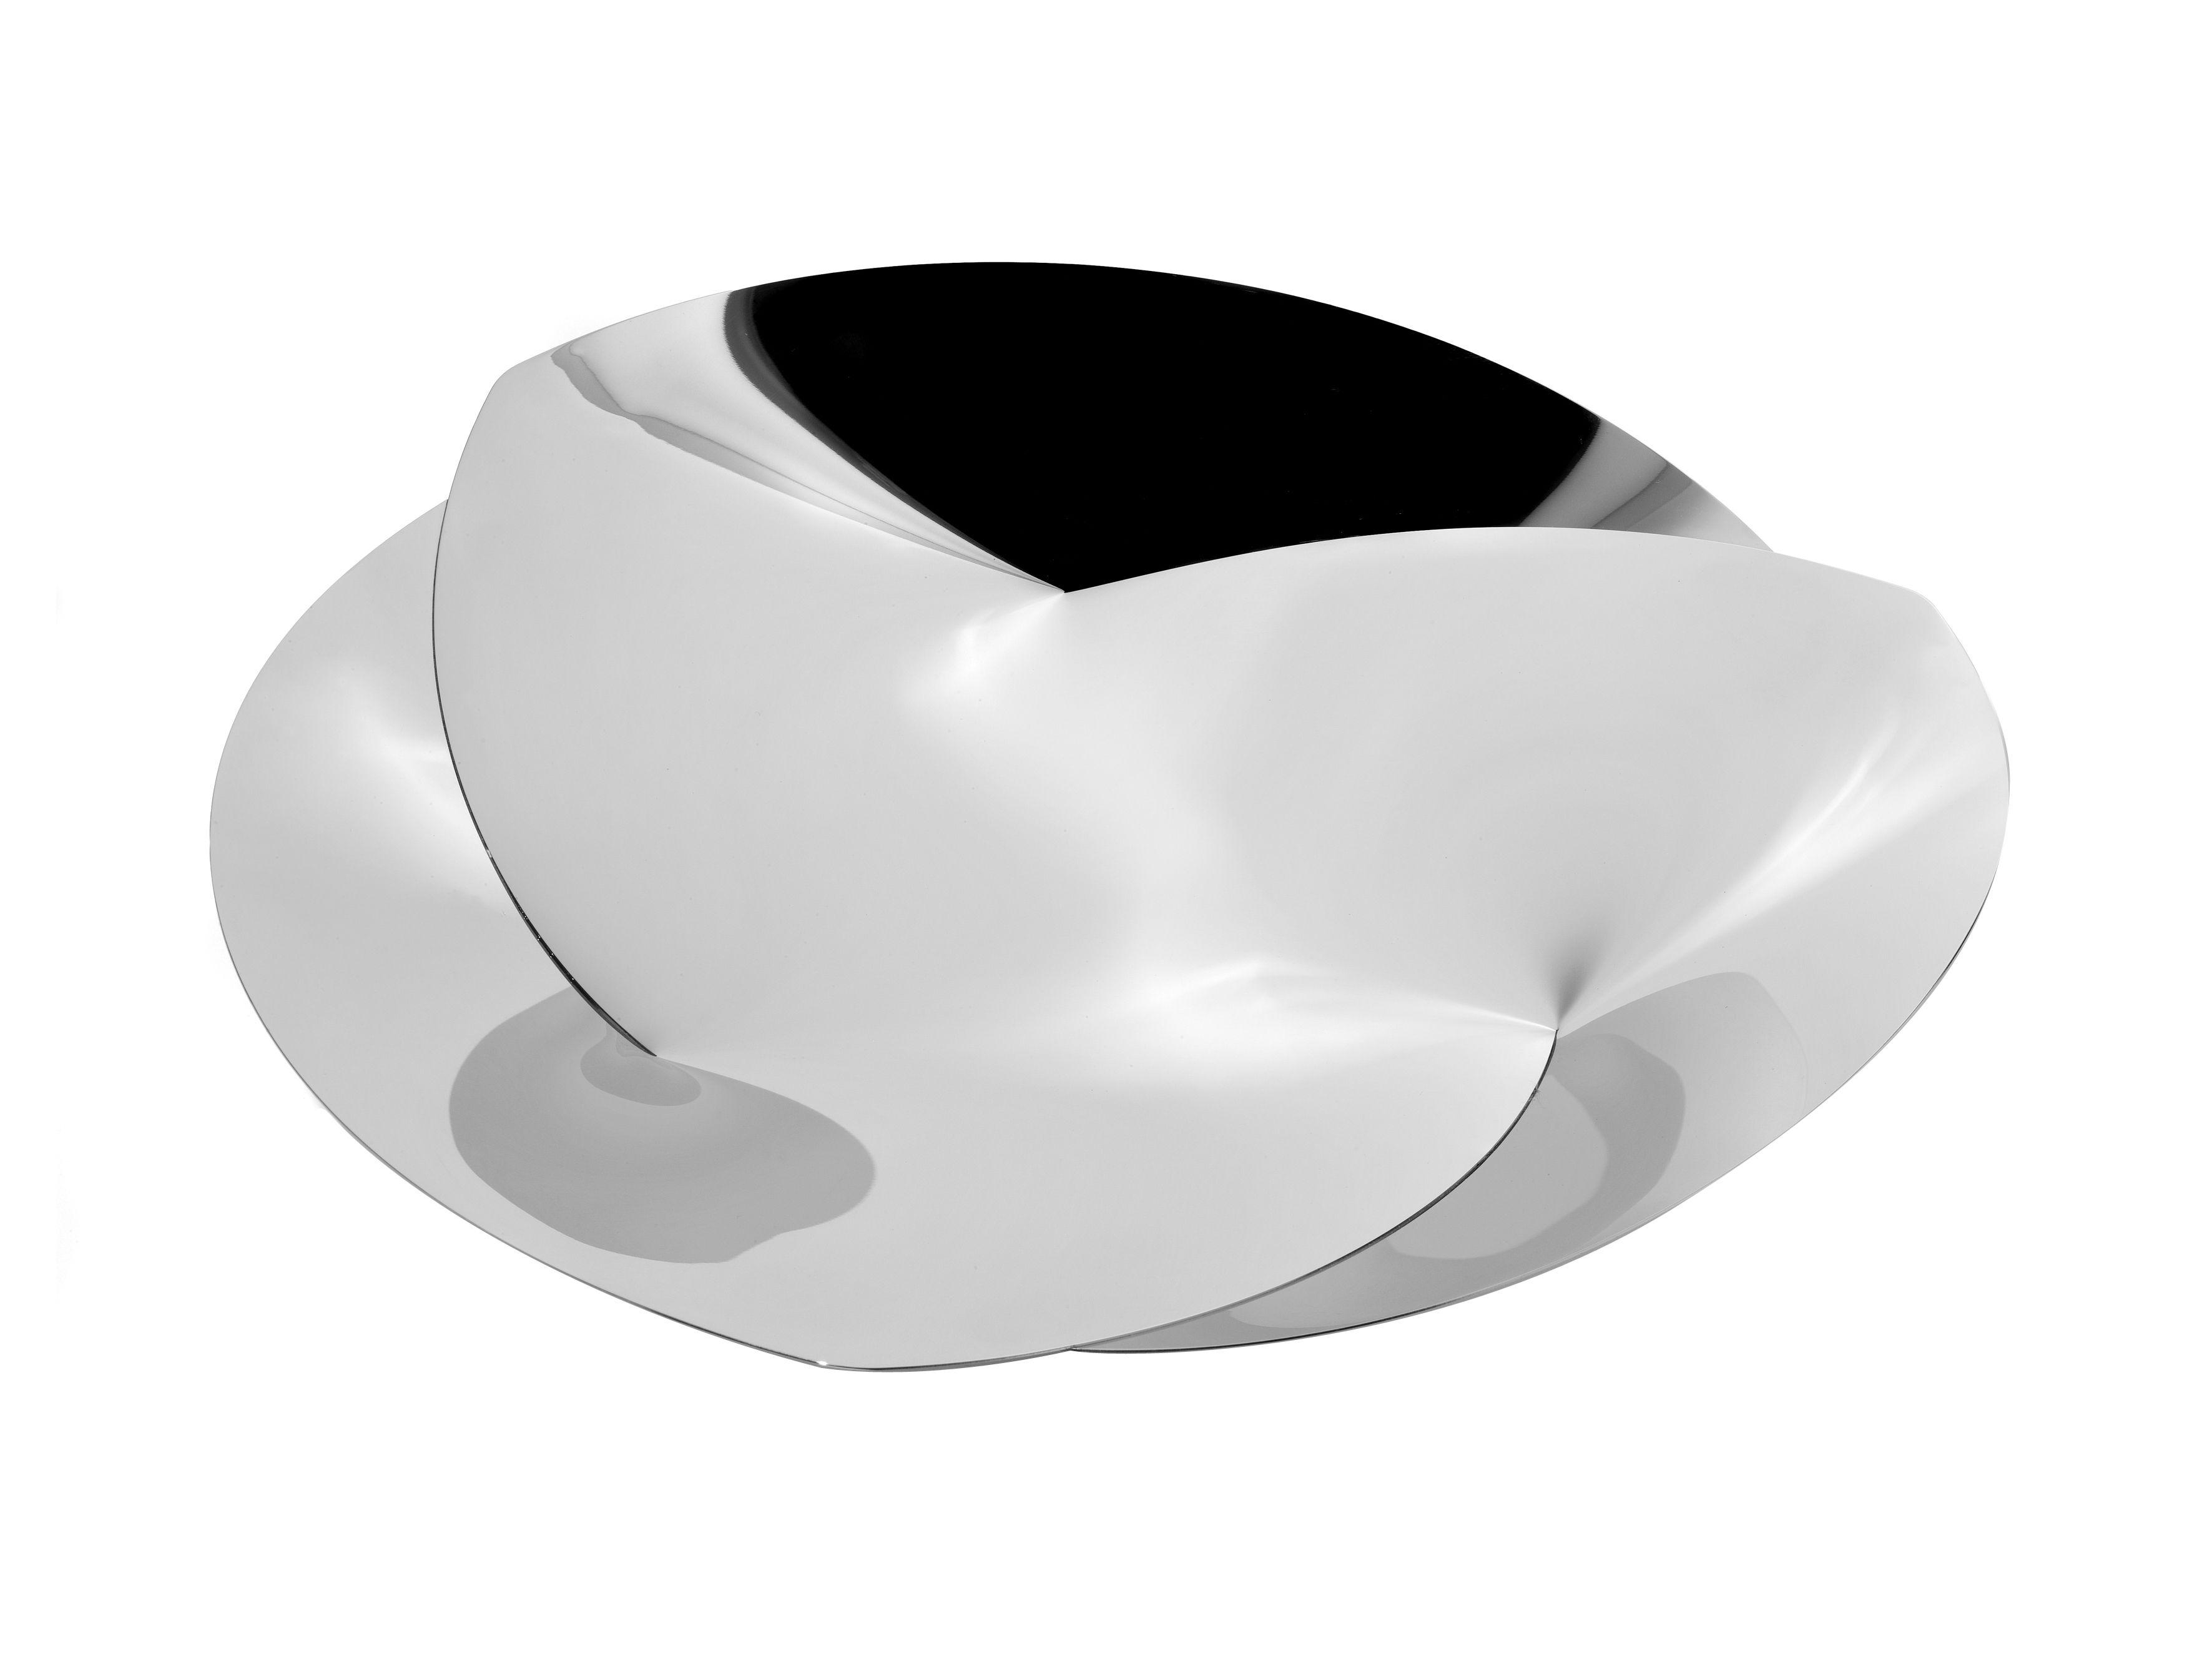 Scopri centrotavola design della nostra gamma interni su made in ...